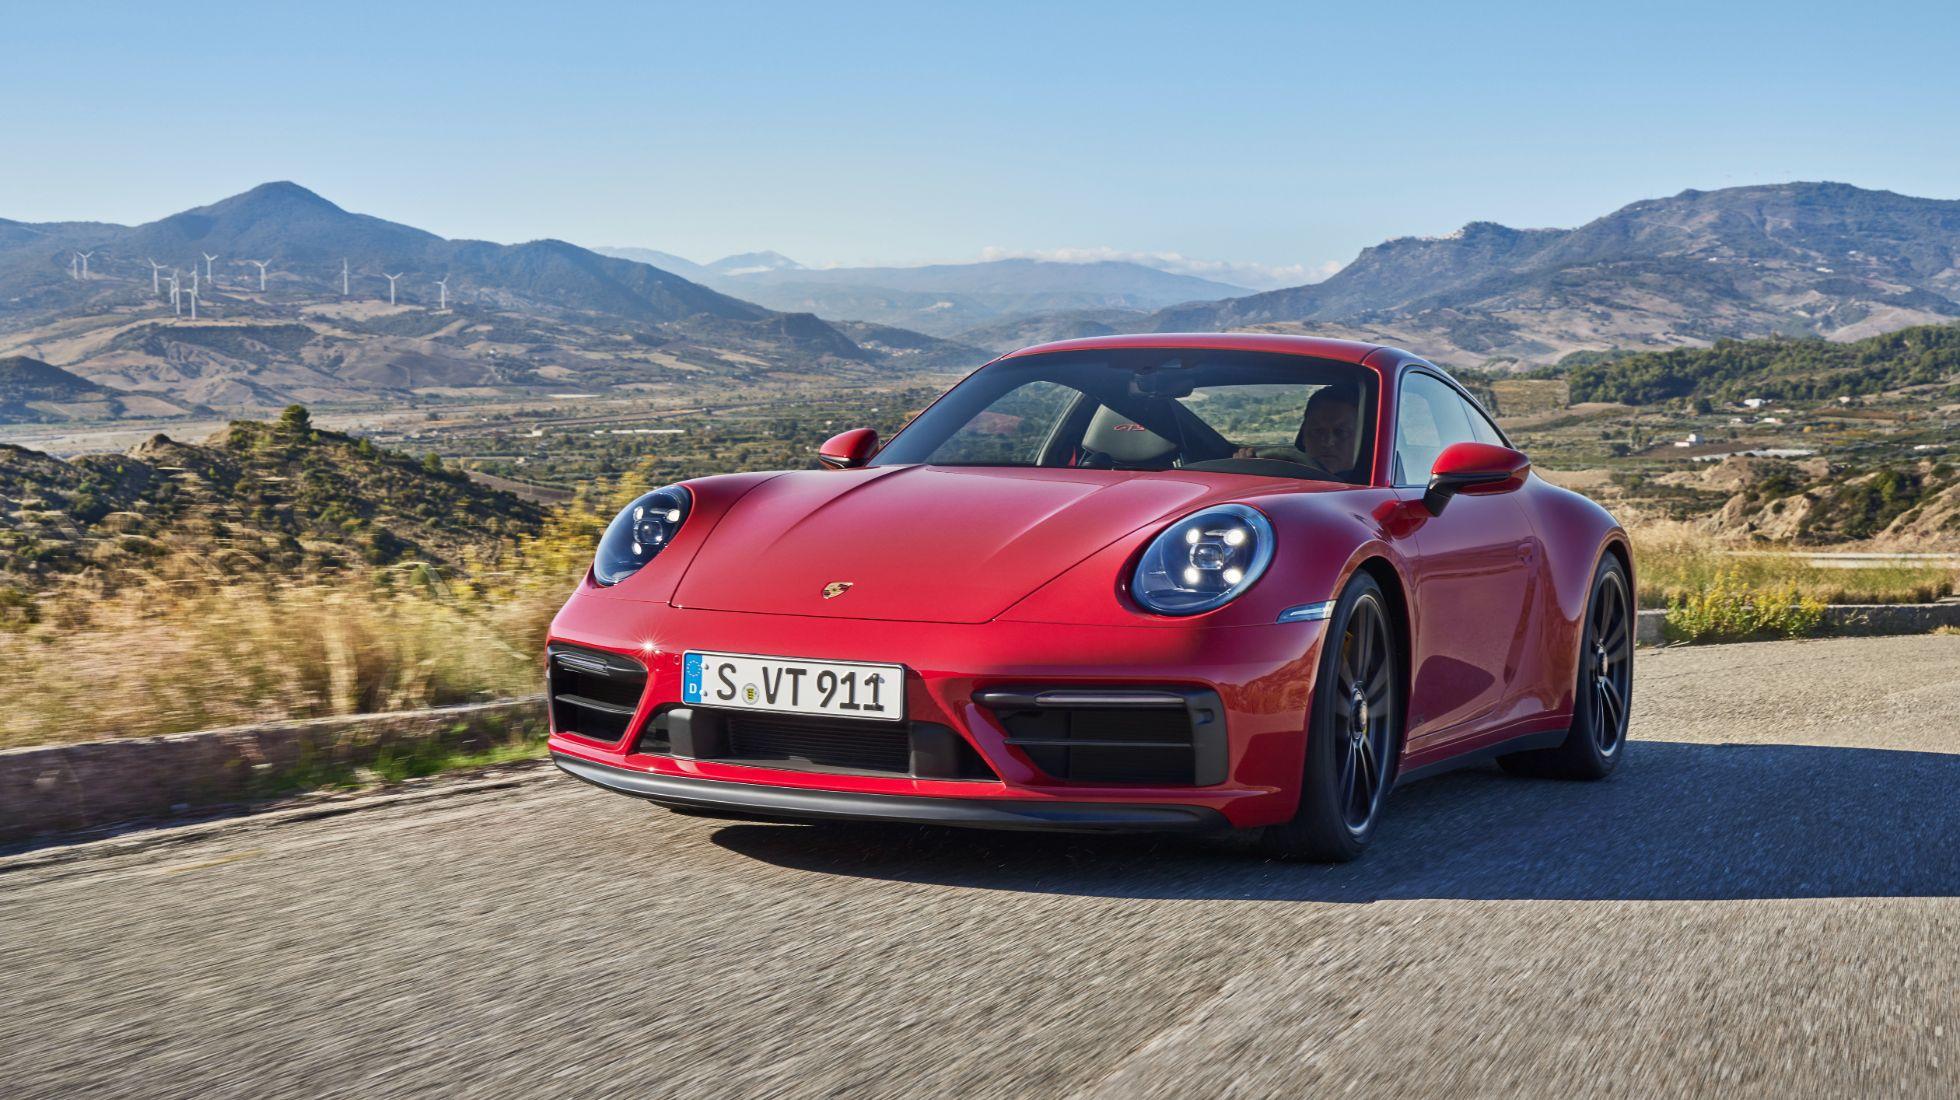 Porsche's 911 range has now been bolstered with GTS variants